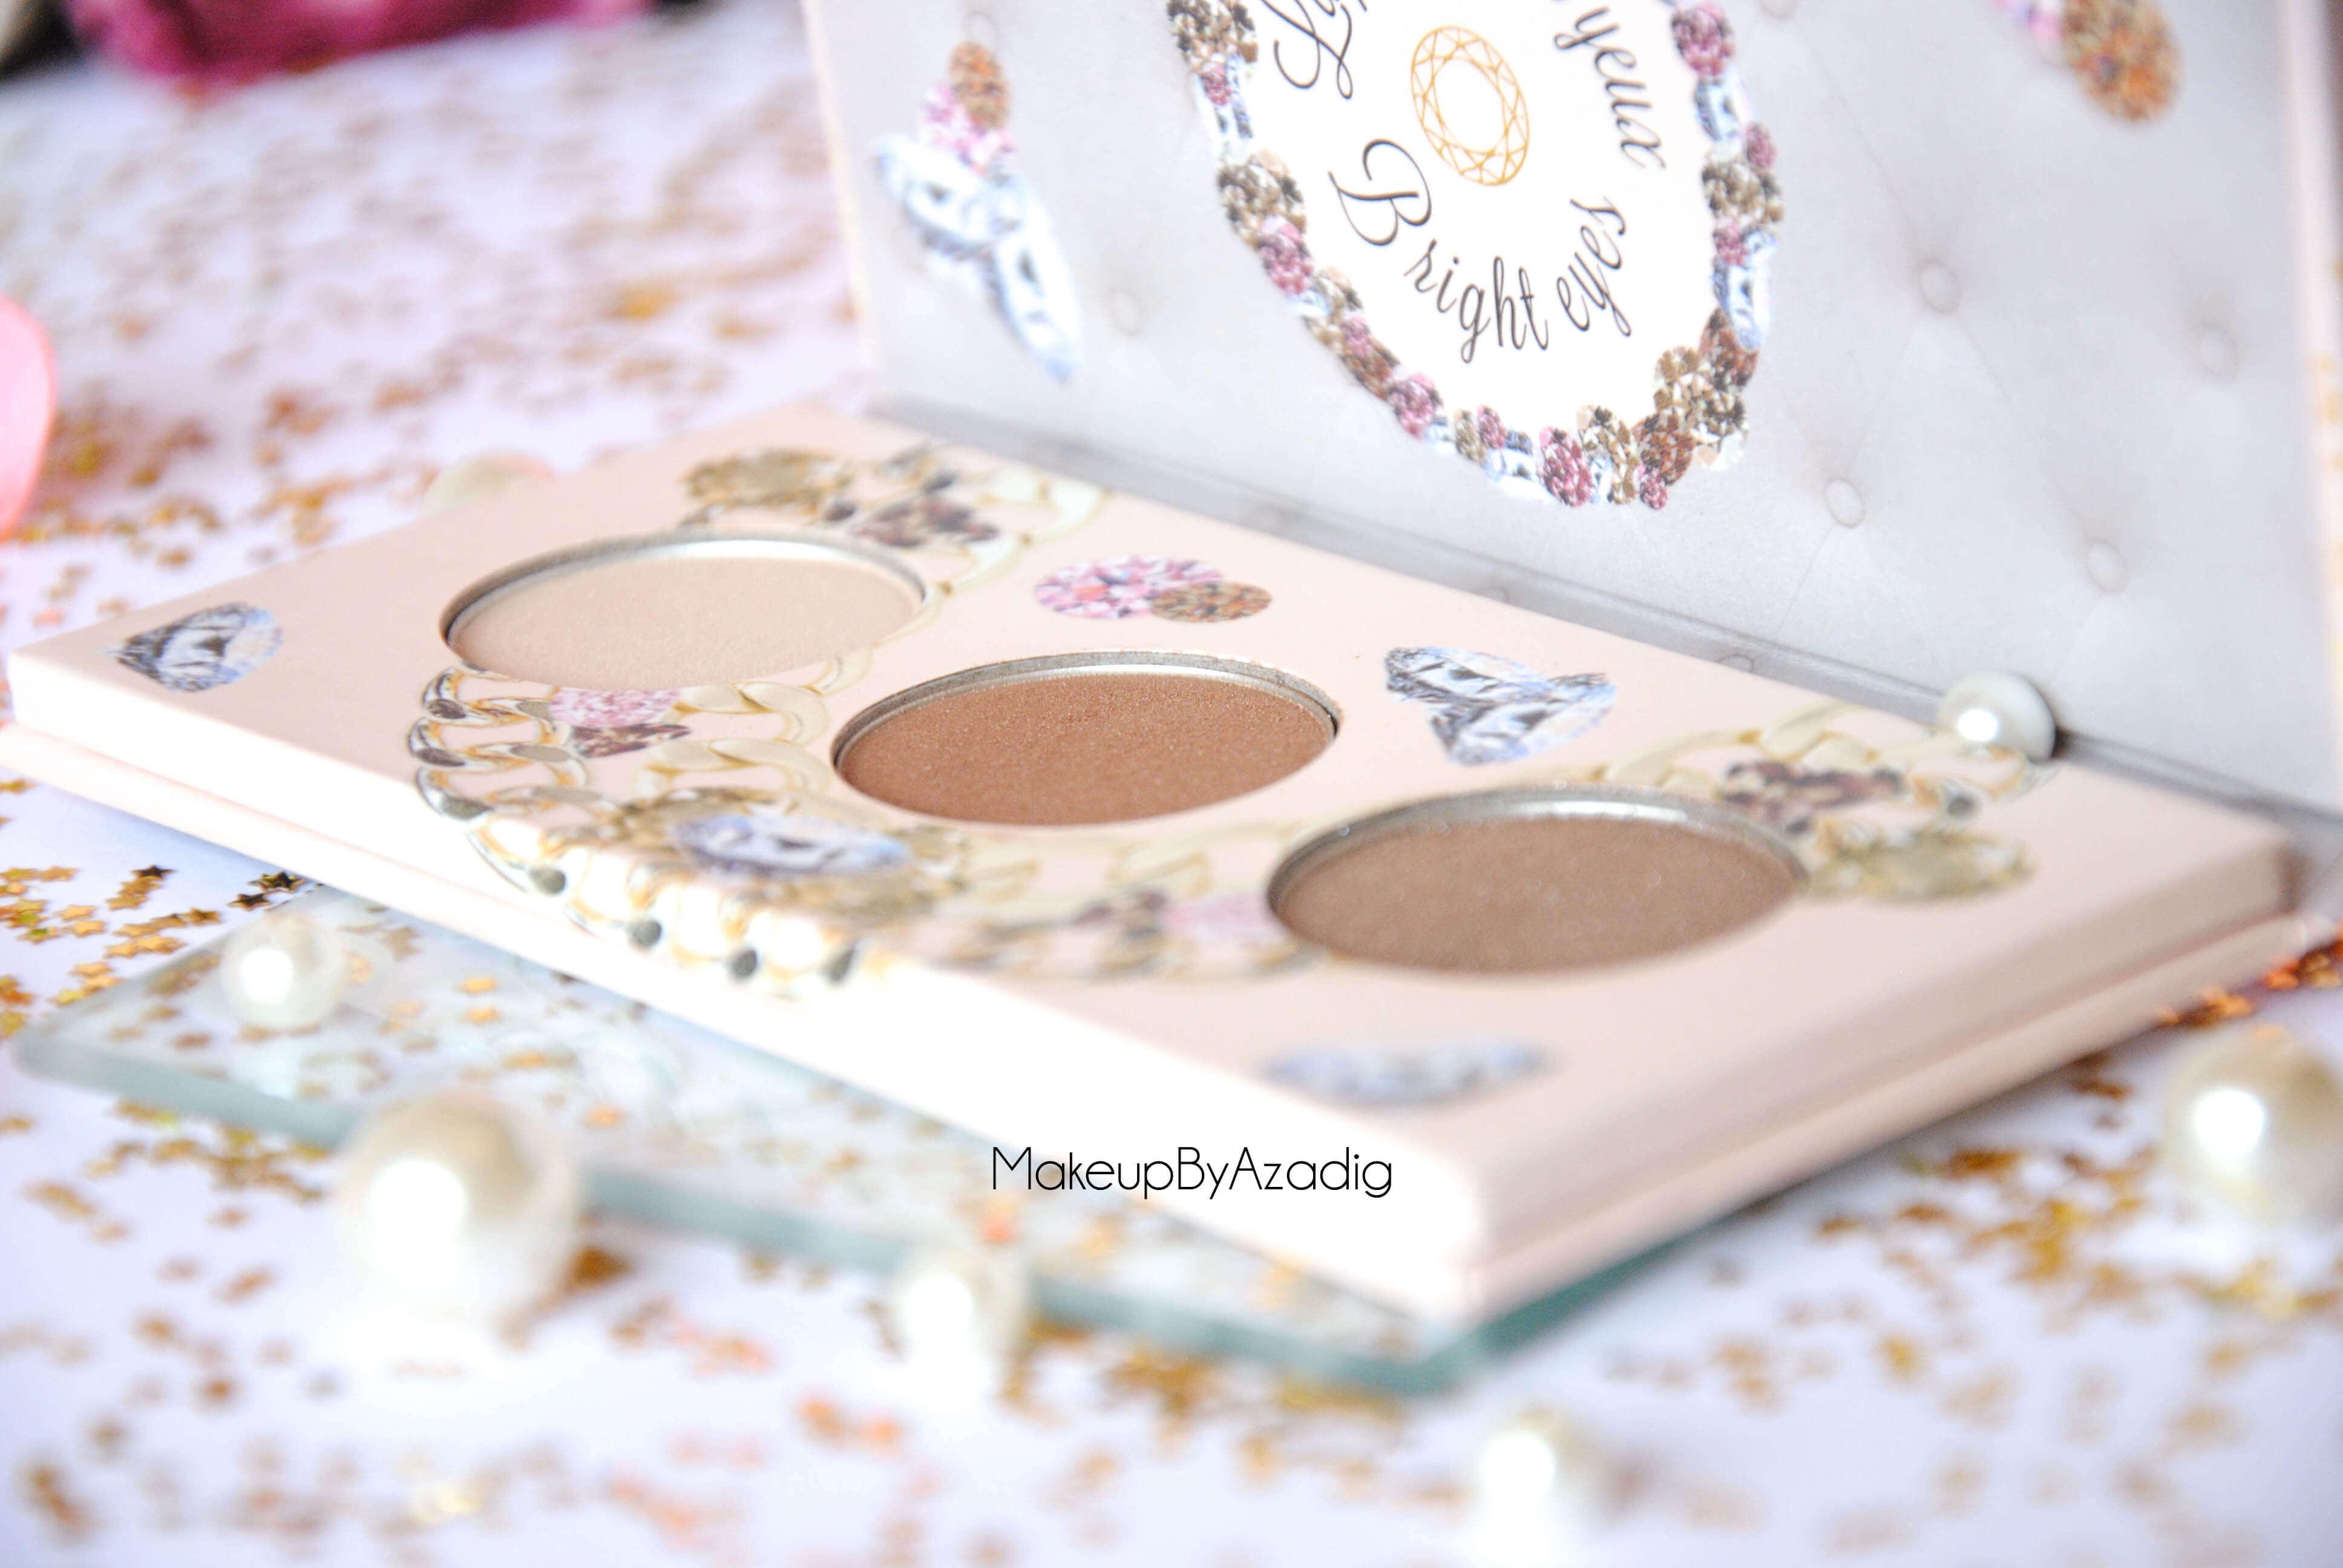 makeupbyazadig-palette-fards-paupieres-lollipops-paris-precieuse-monoprix-sephora-troyes-blog-revue-nudes